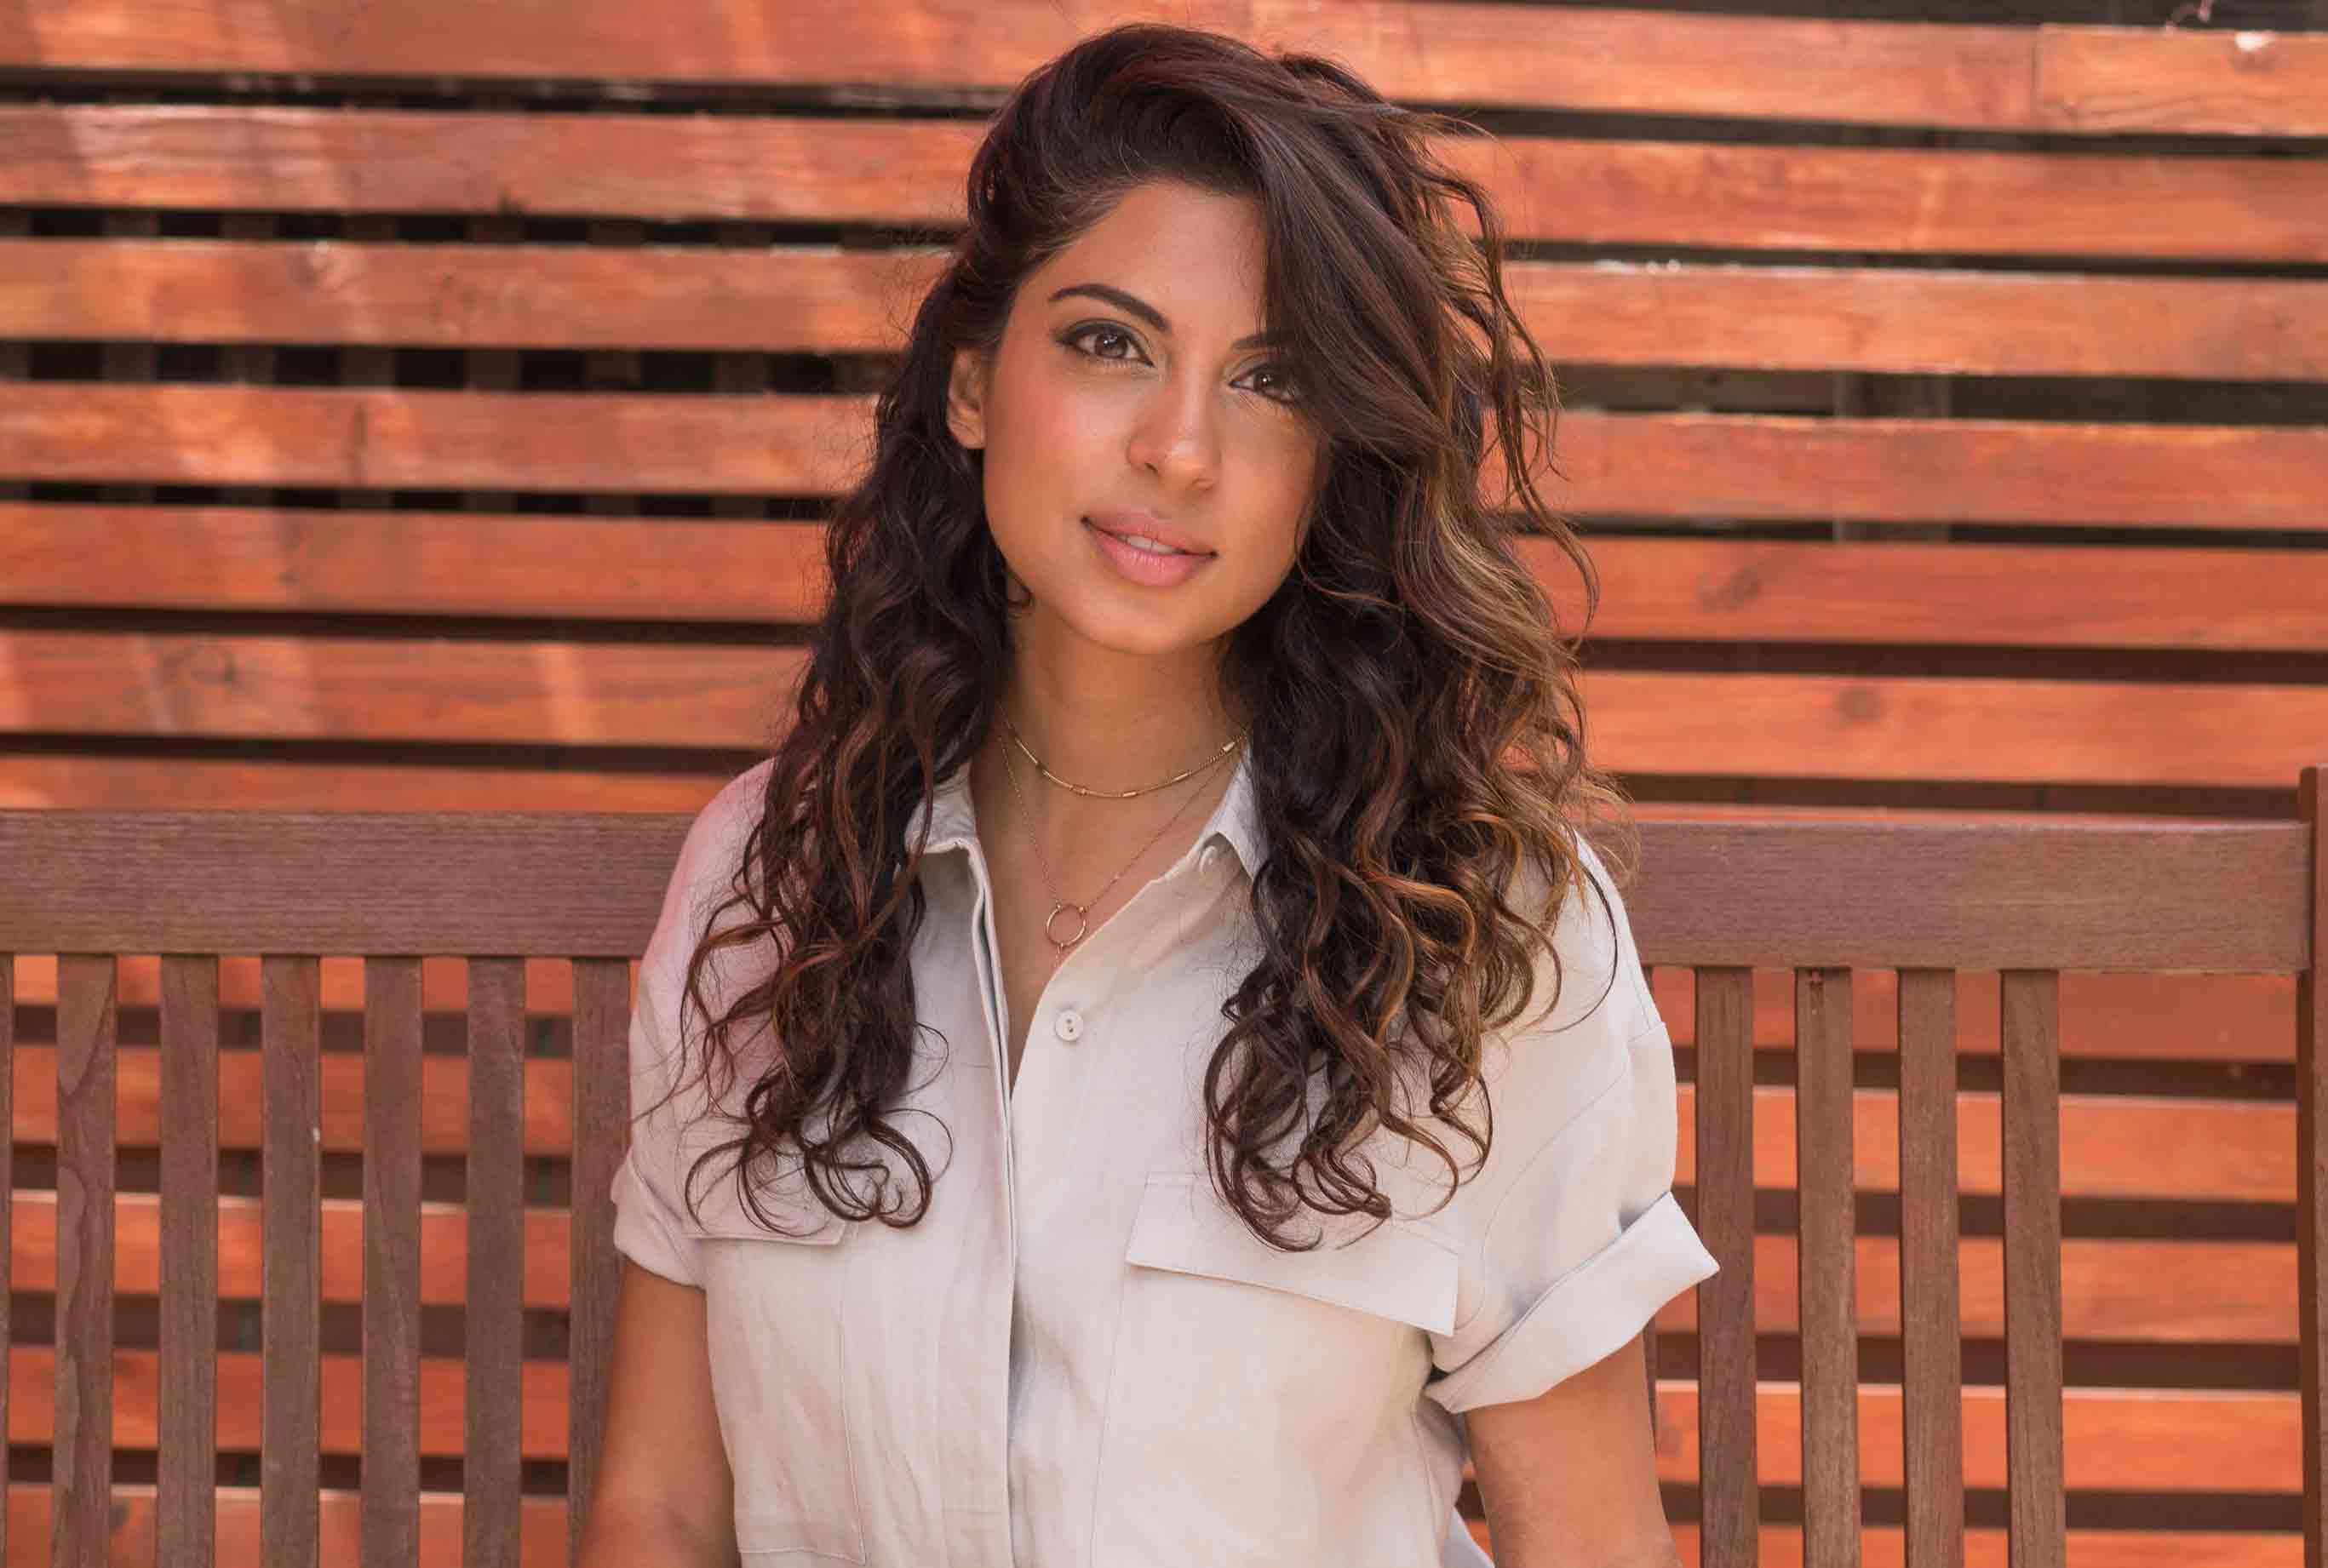 Aliya Jasmine Sovani